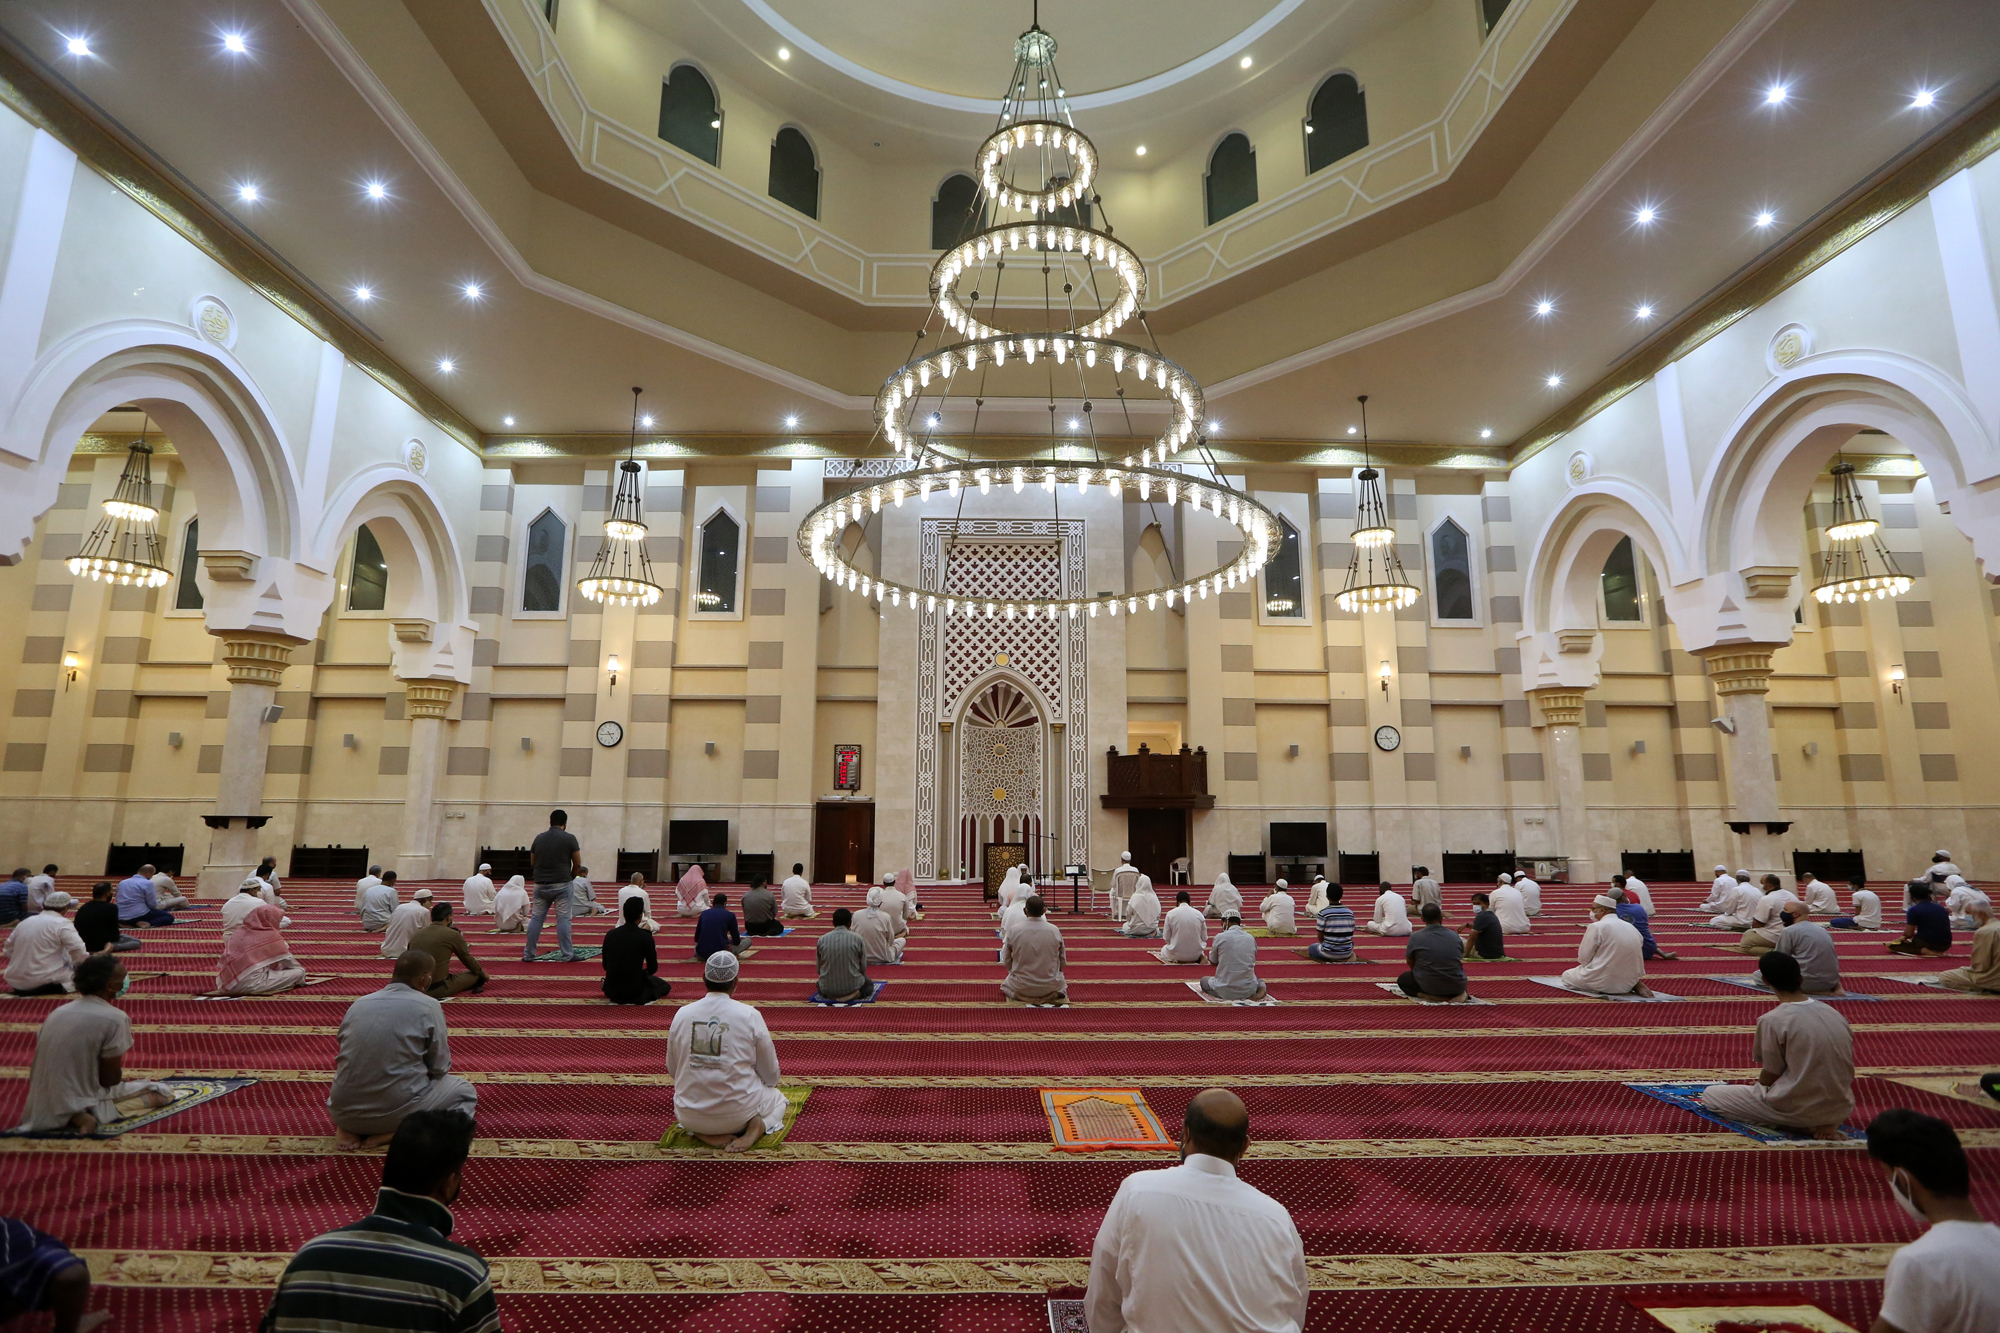 Een foto van een moskee in Mekka waarin mensen veilig afstand van elkaar houden